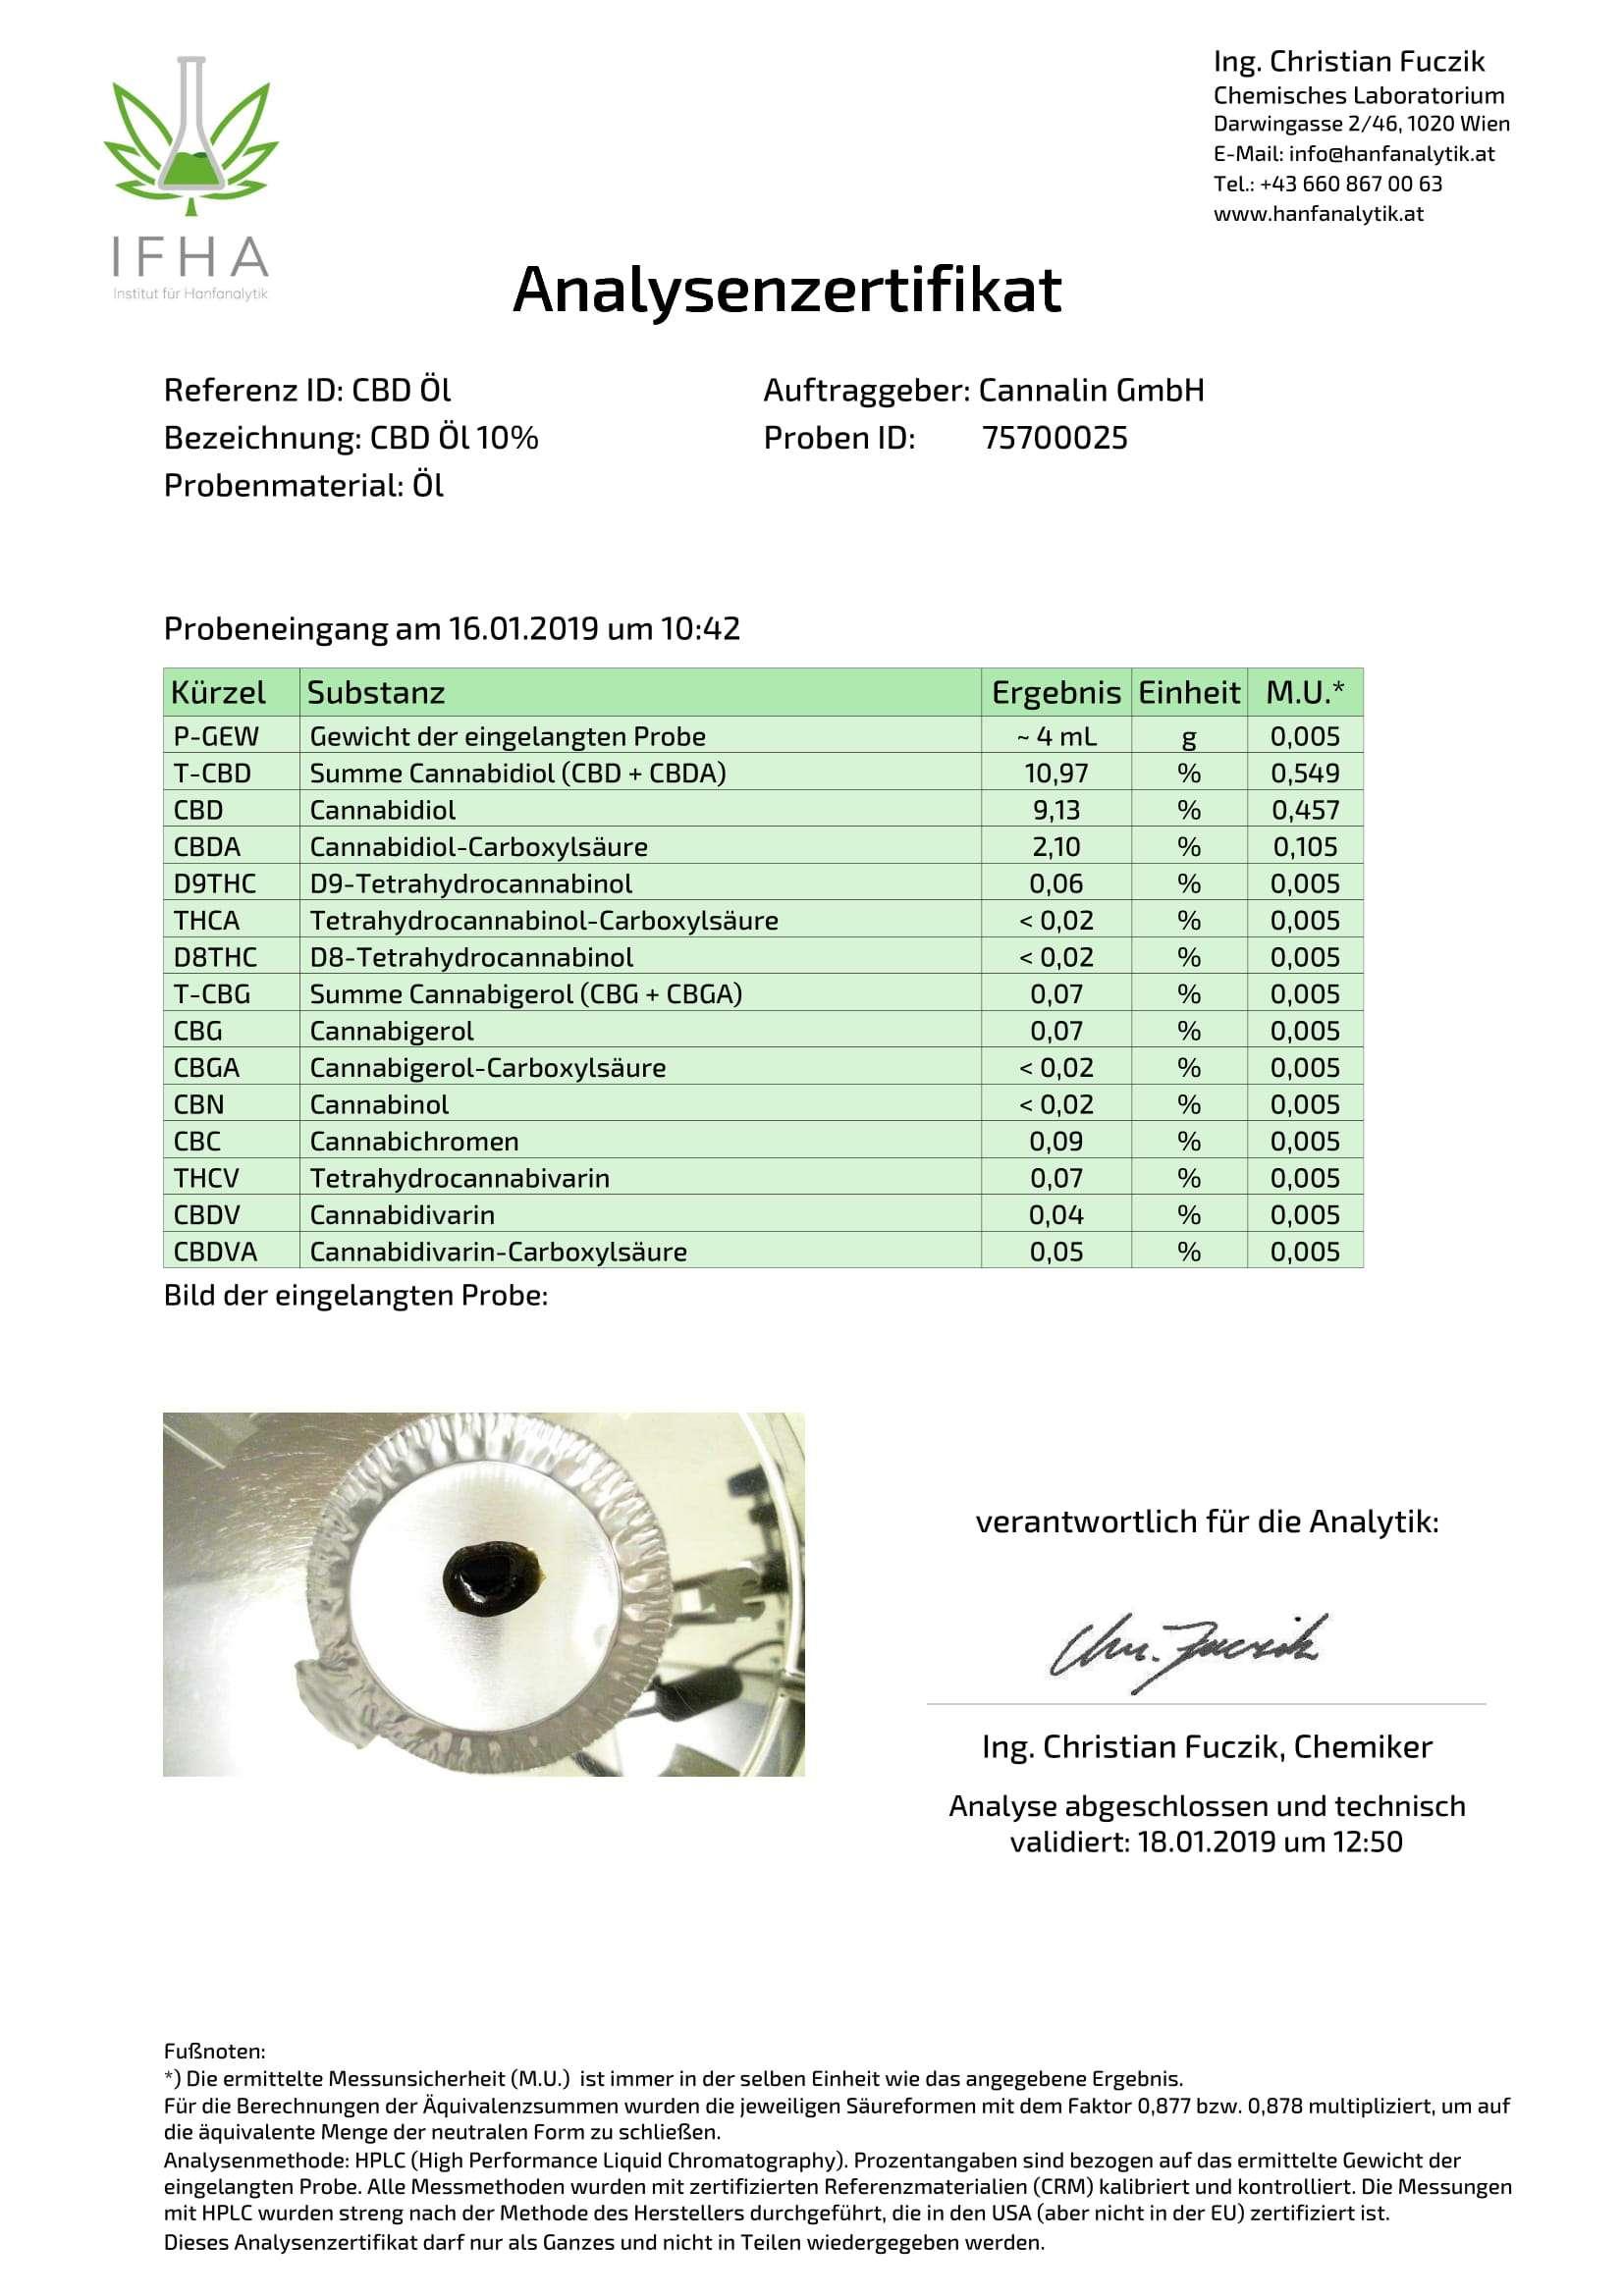 CBD Öl 10% 10ml | 4 zum Preis von 3 Analysenzertifikat